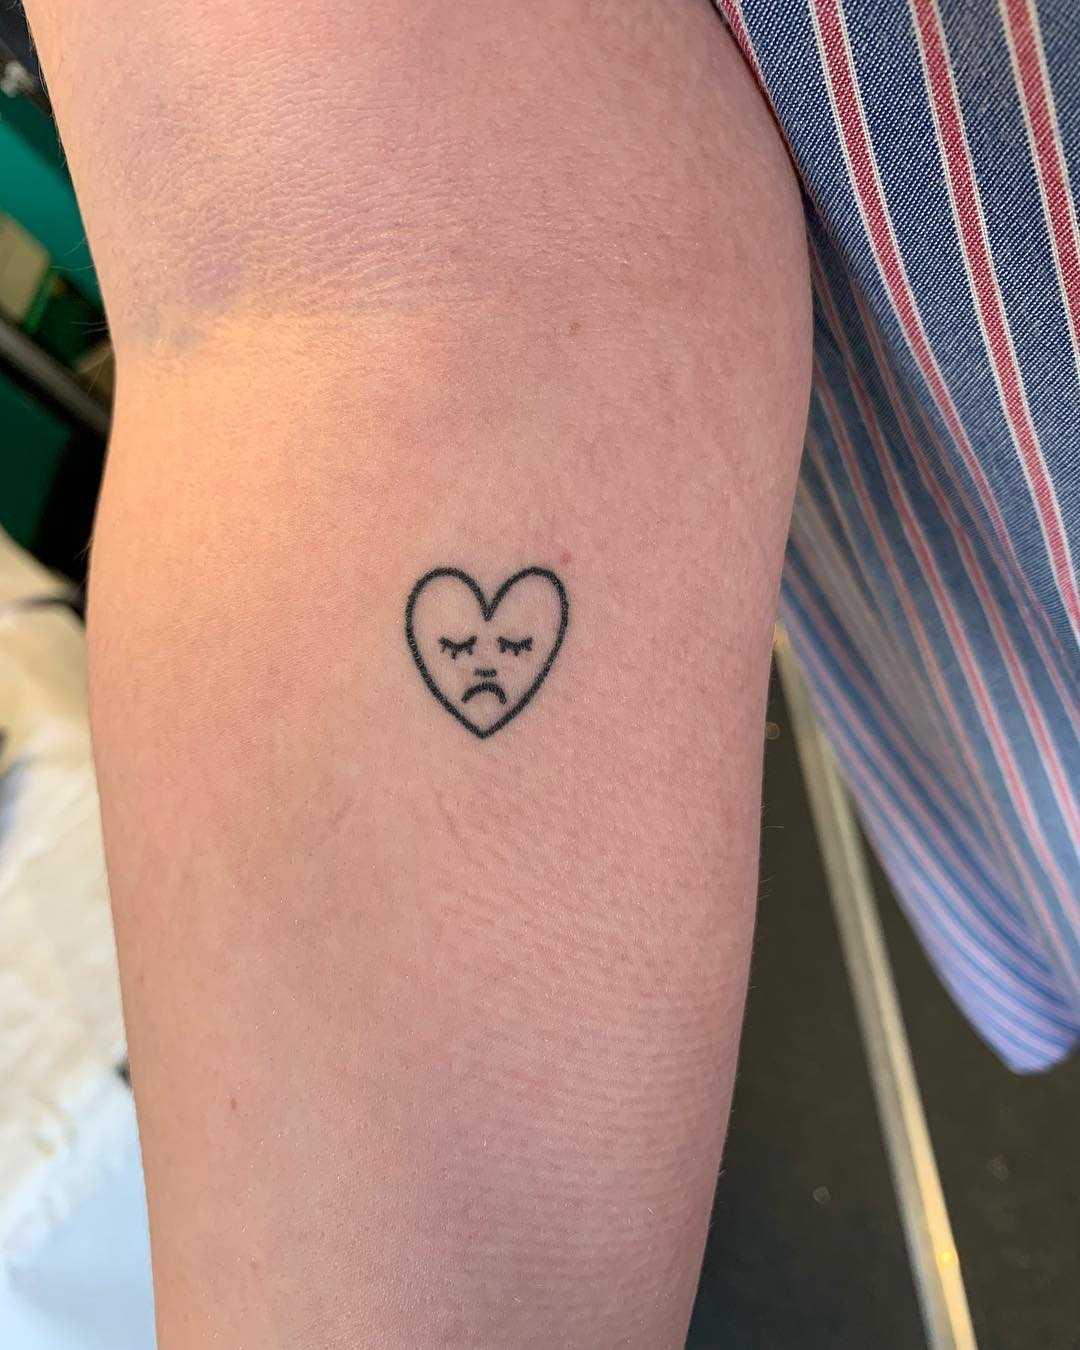 Sad little heart tattoo by Kirk Budden